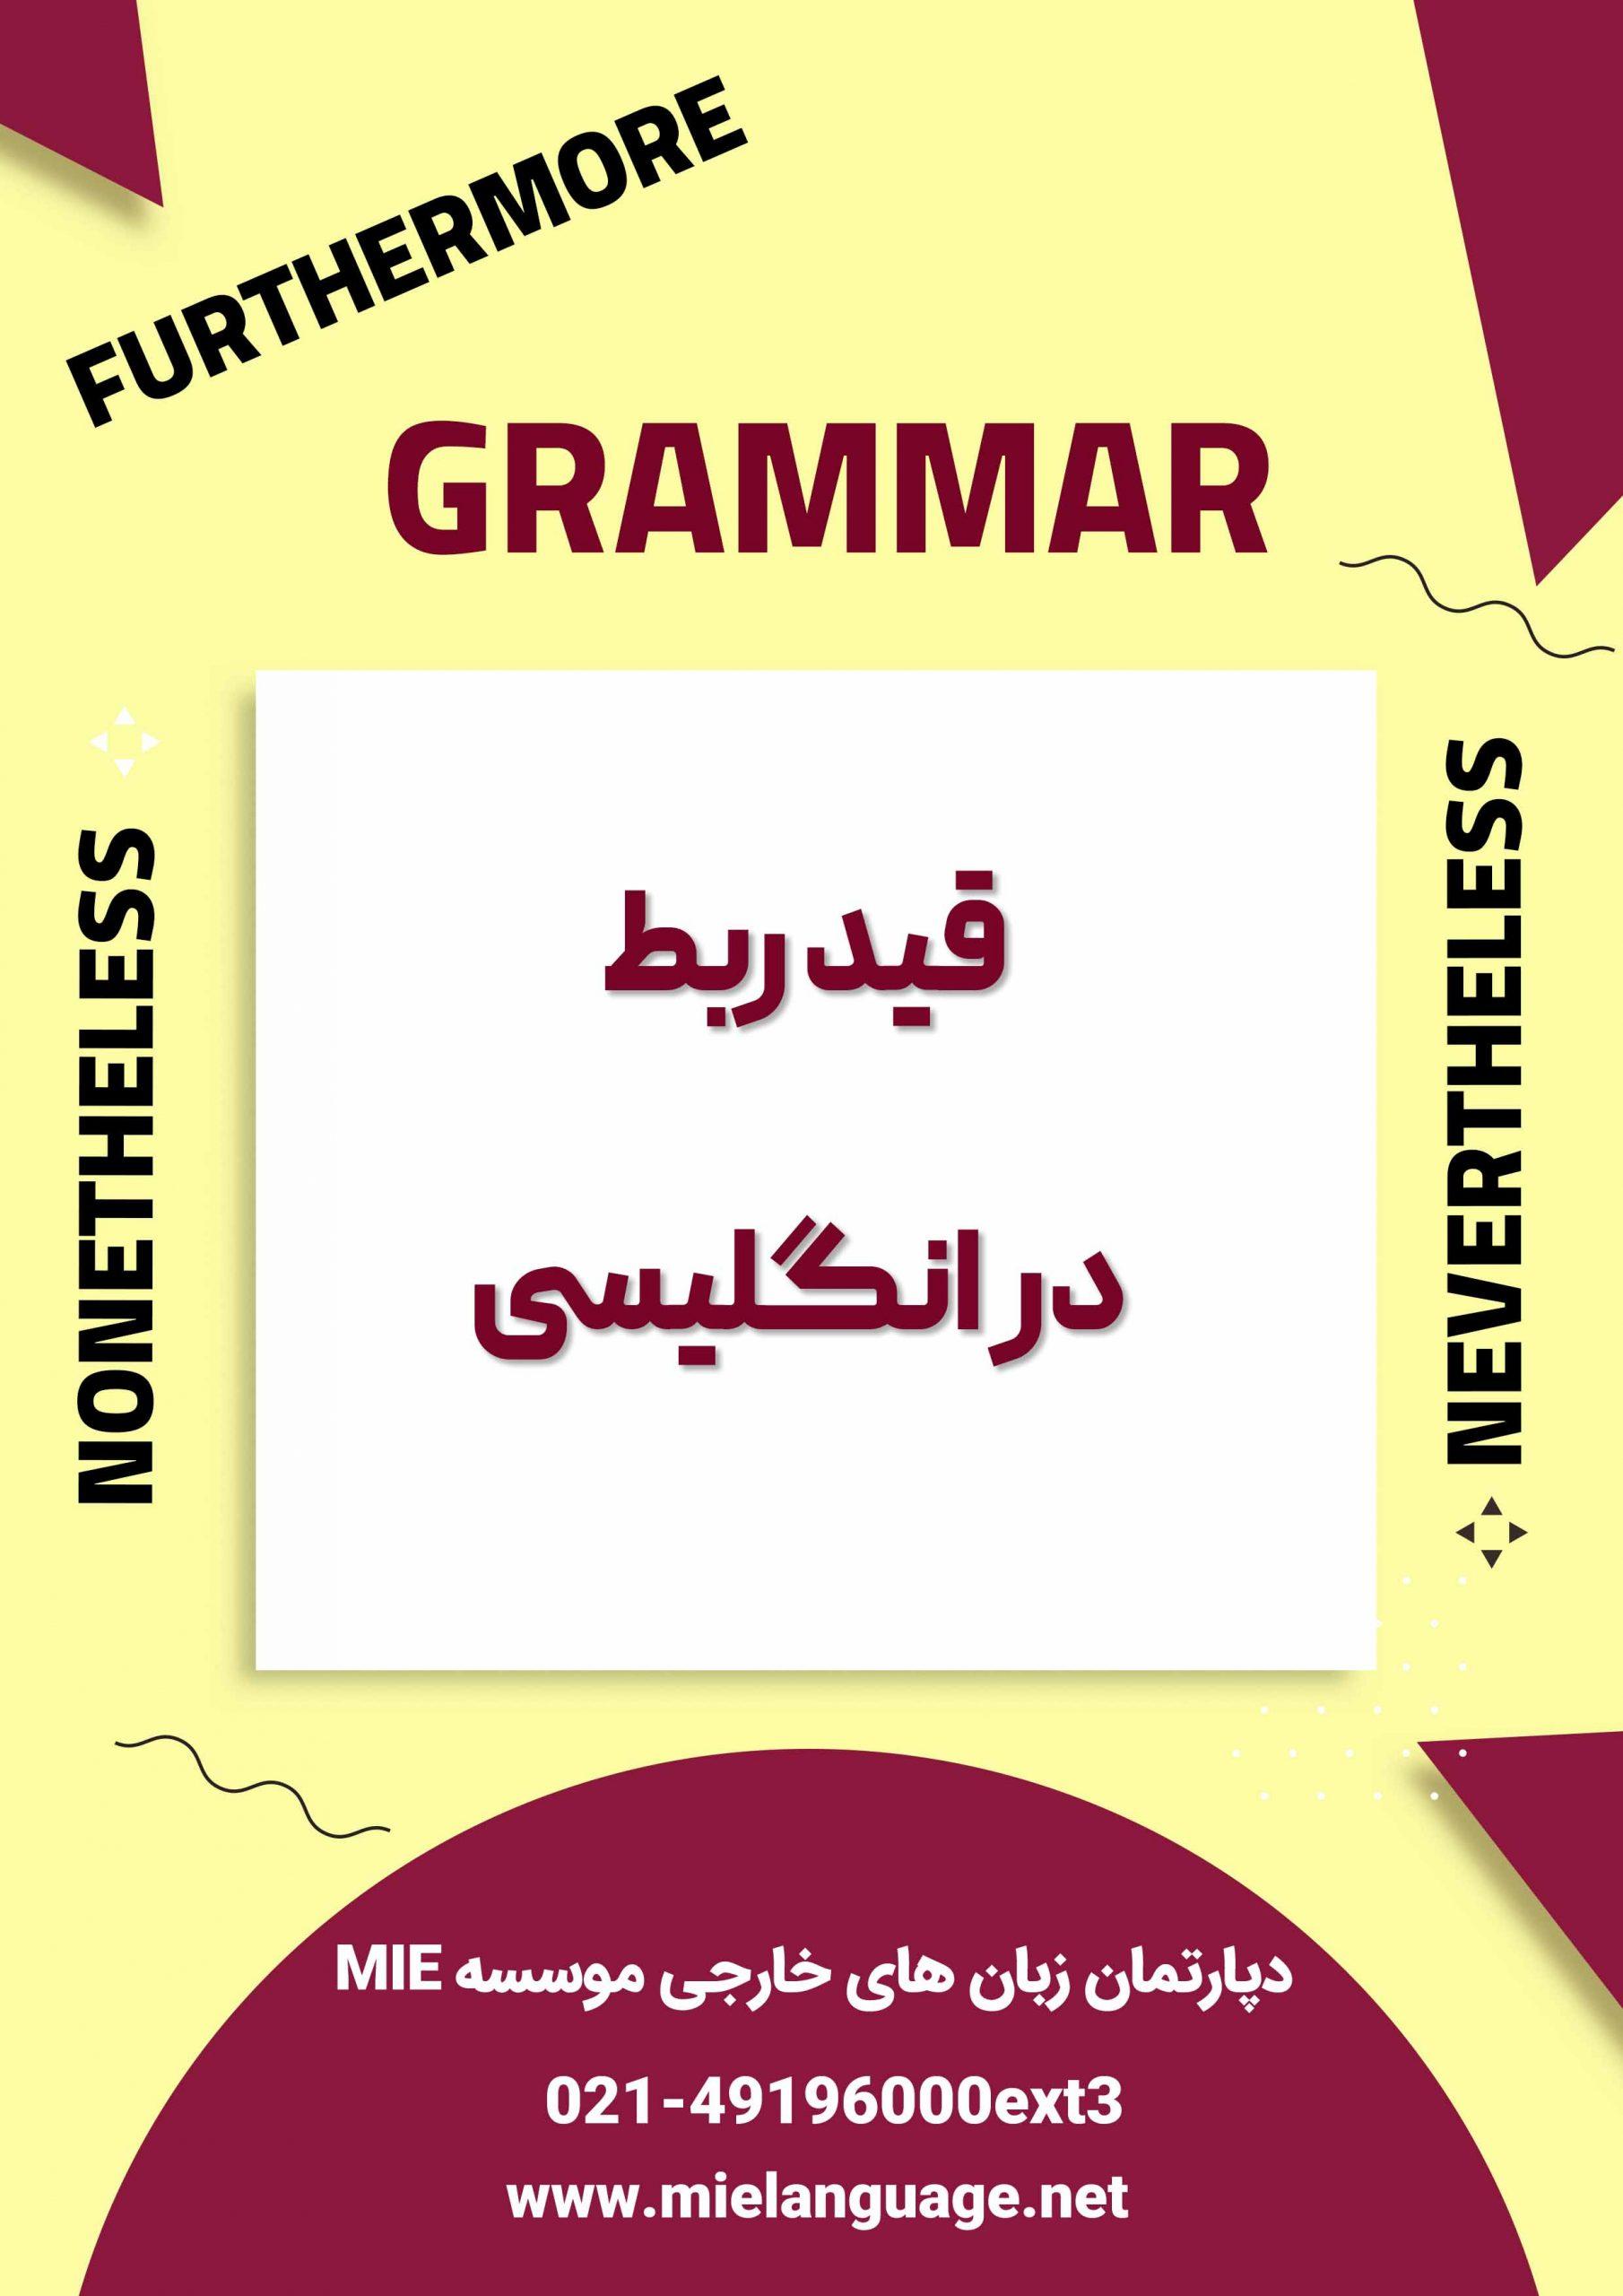 ساده ترین روش یادگیری قید ربط در انگلیسی